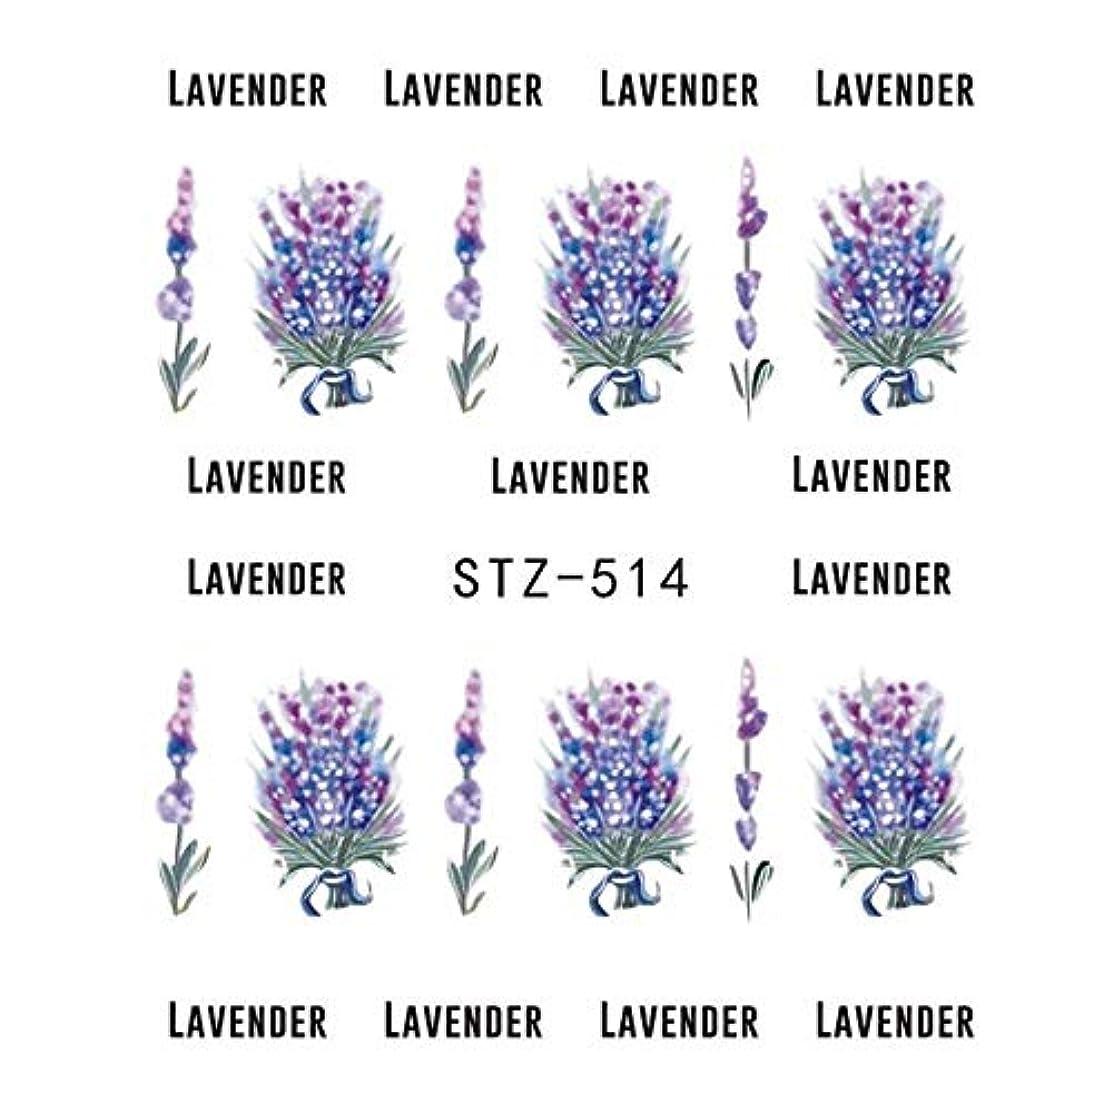 瞑想的解凍する、雪解け、霜解け正確SUKTI&XIAO ネイルステッカー ラベンダーブーケウォーターステッカーネイルアートデコレーション紫咲く花スライド美容ネイルデカール、Stz514